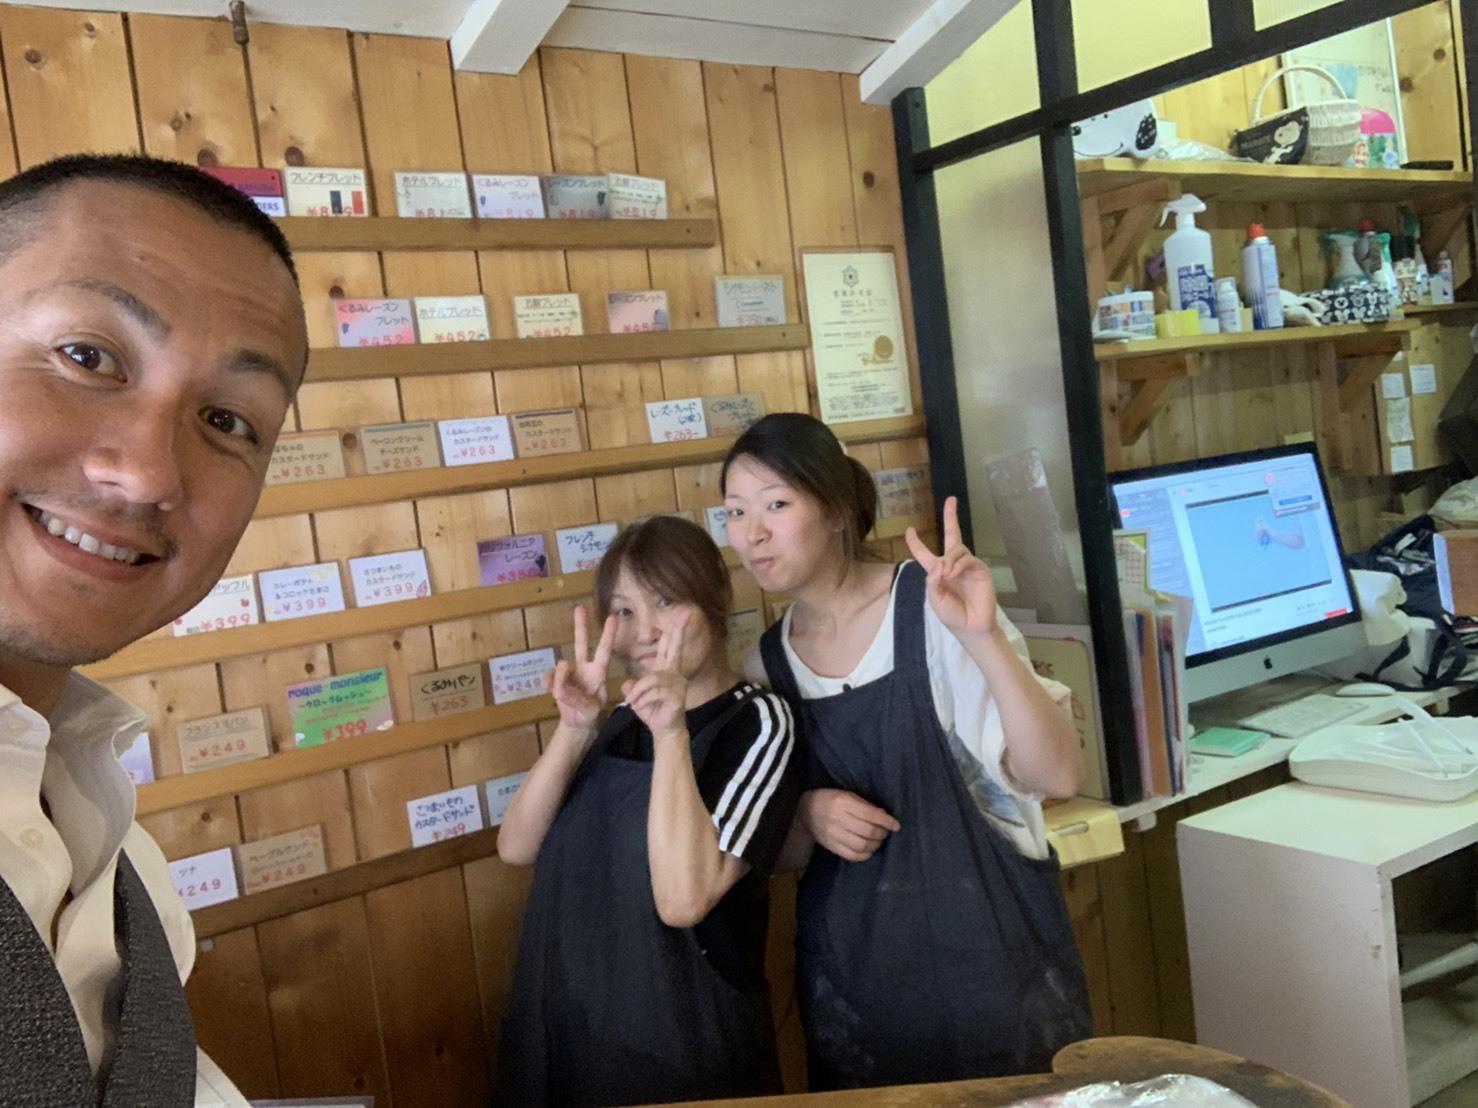 8月6日(火)本店ブログ♪ タントカスタムX ありますよおおお ランクル ハマー アルファード♪ _b0127002_19520913.jpg